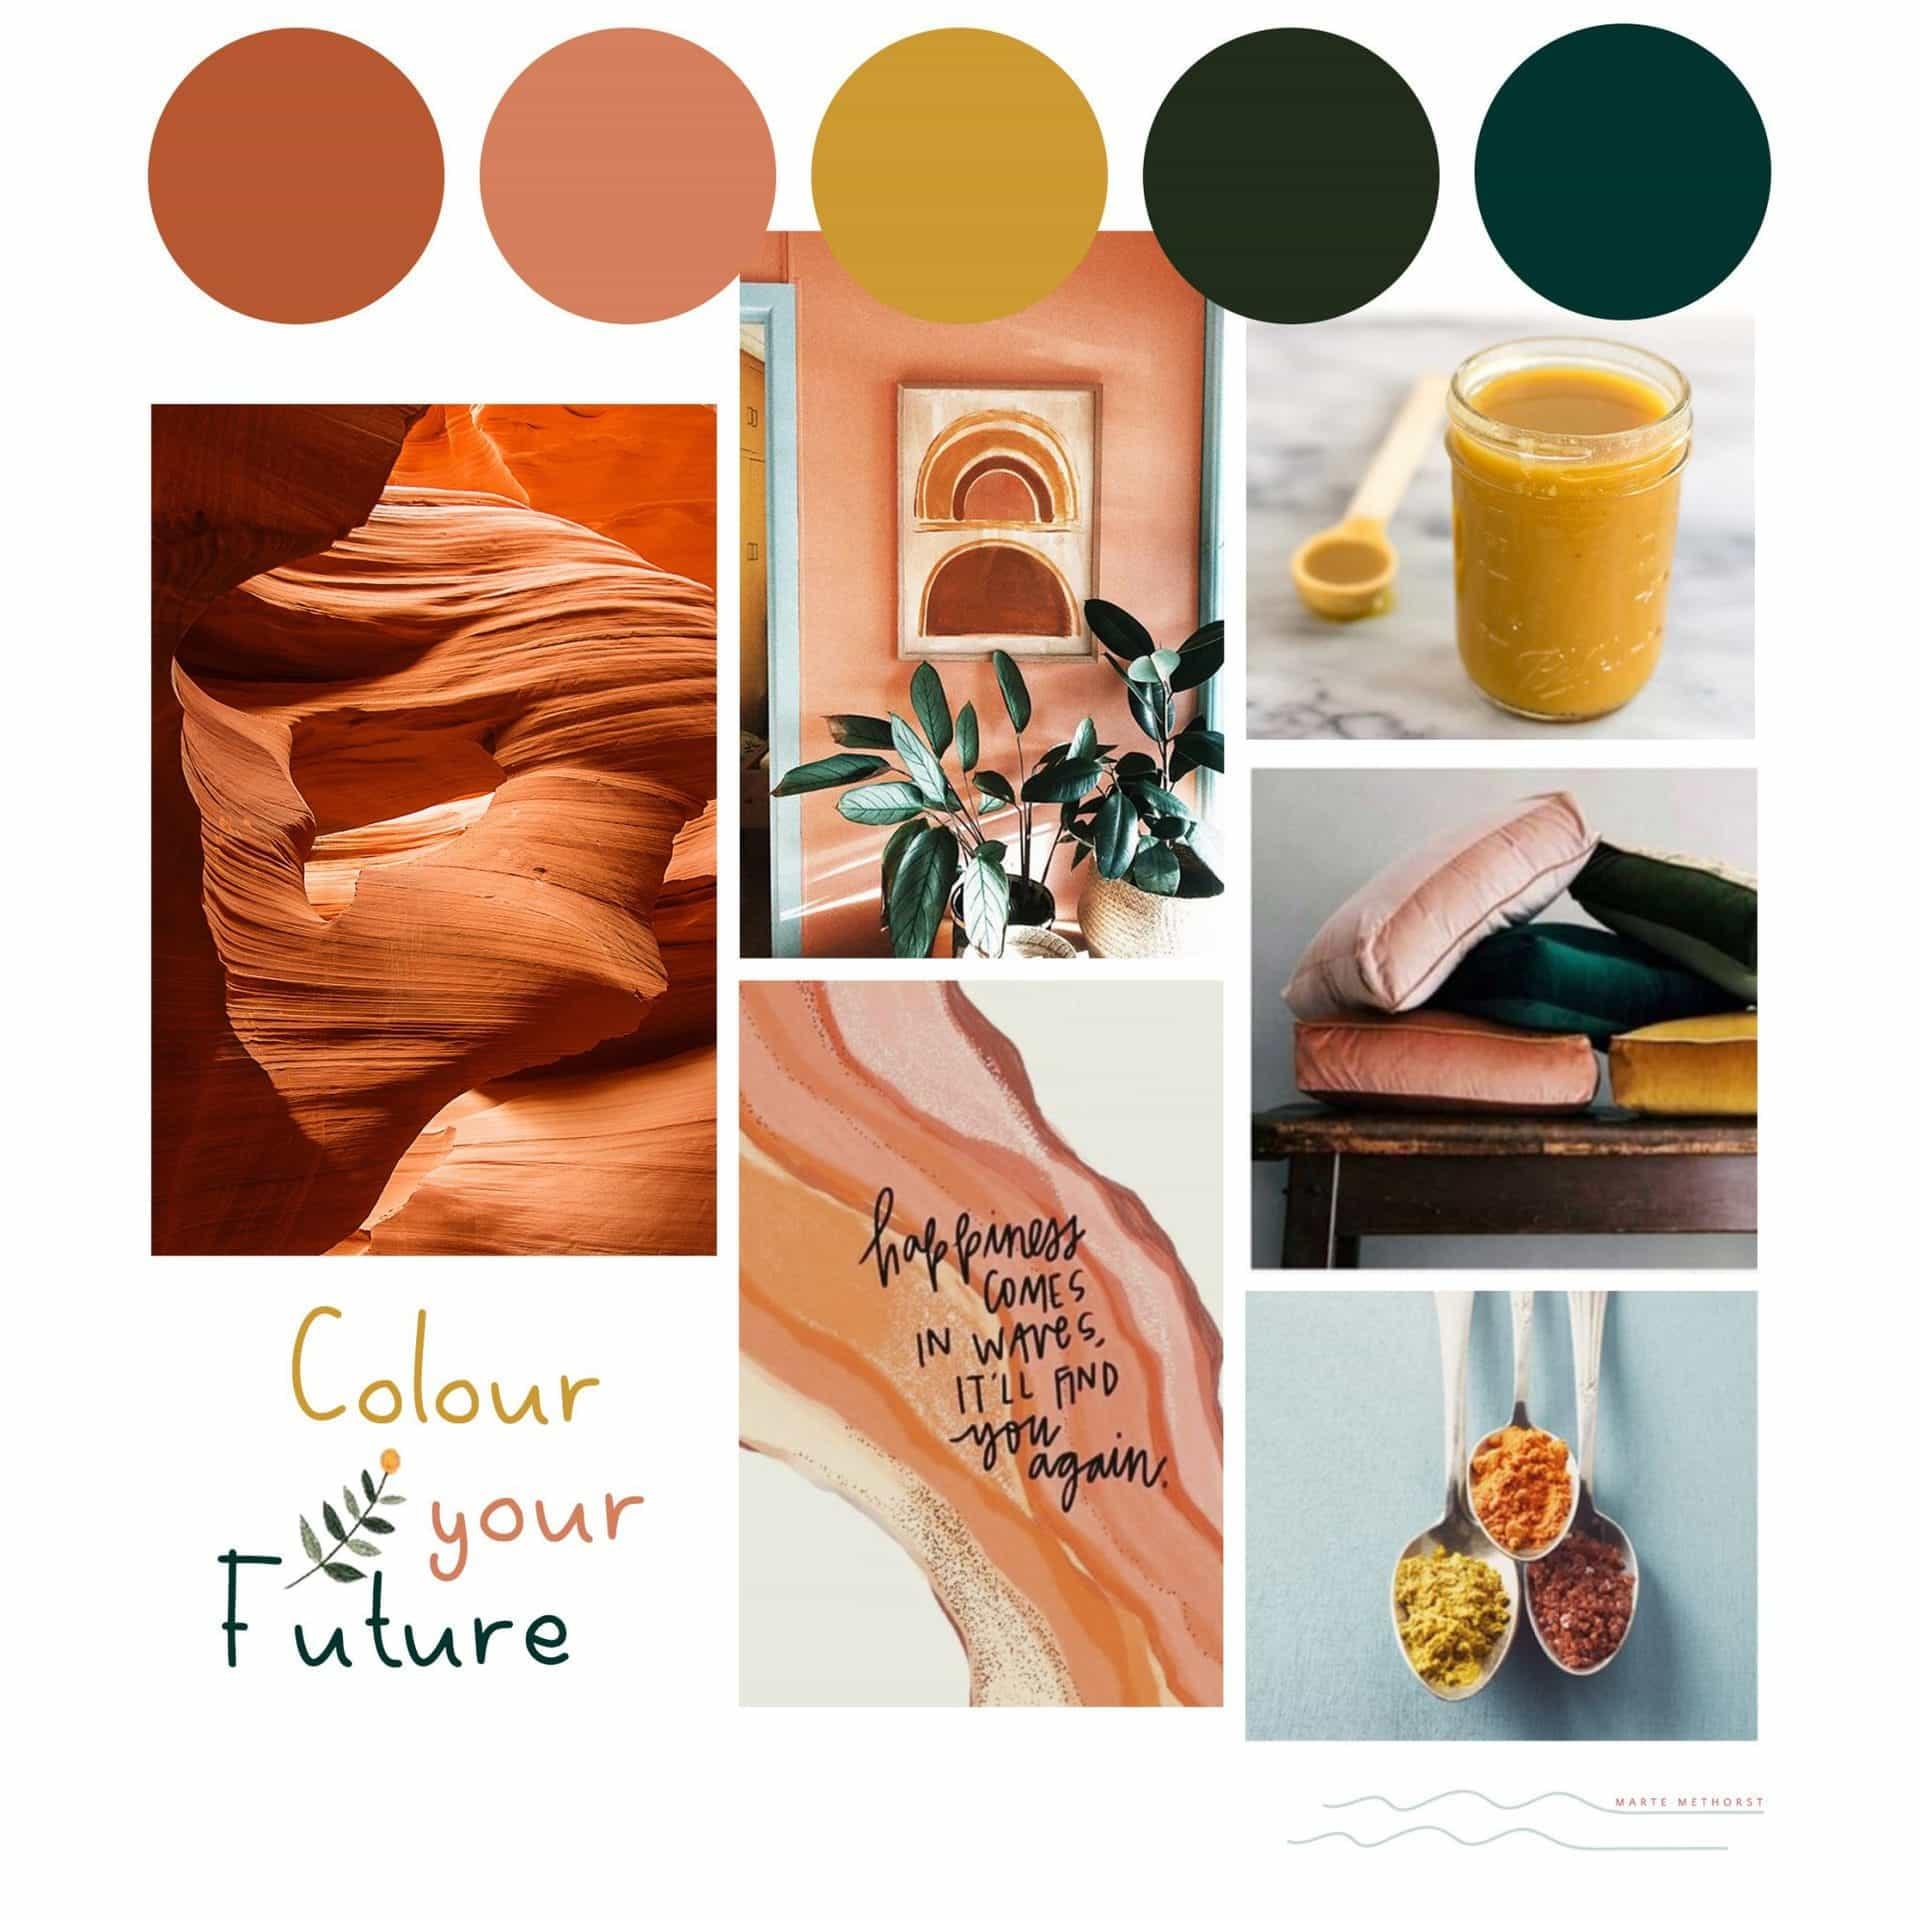 Moodboard Colour your future 1.7